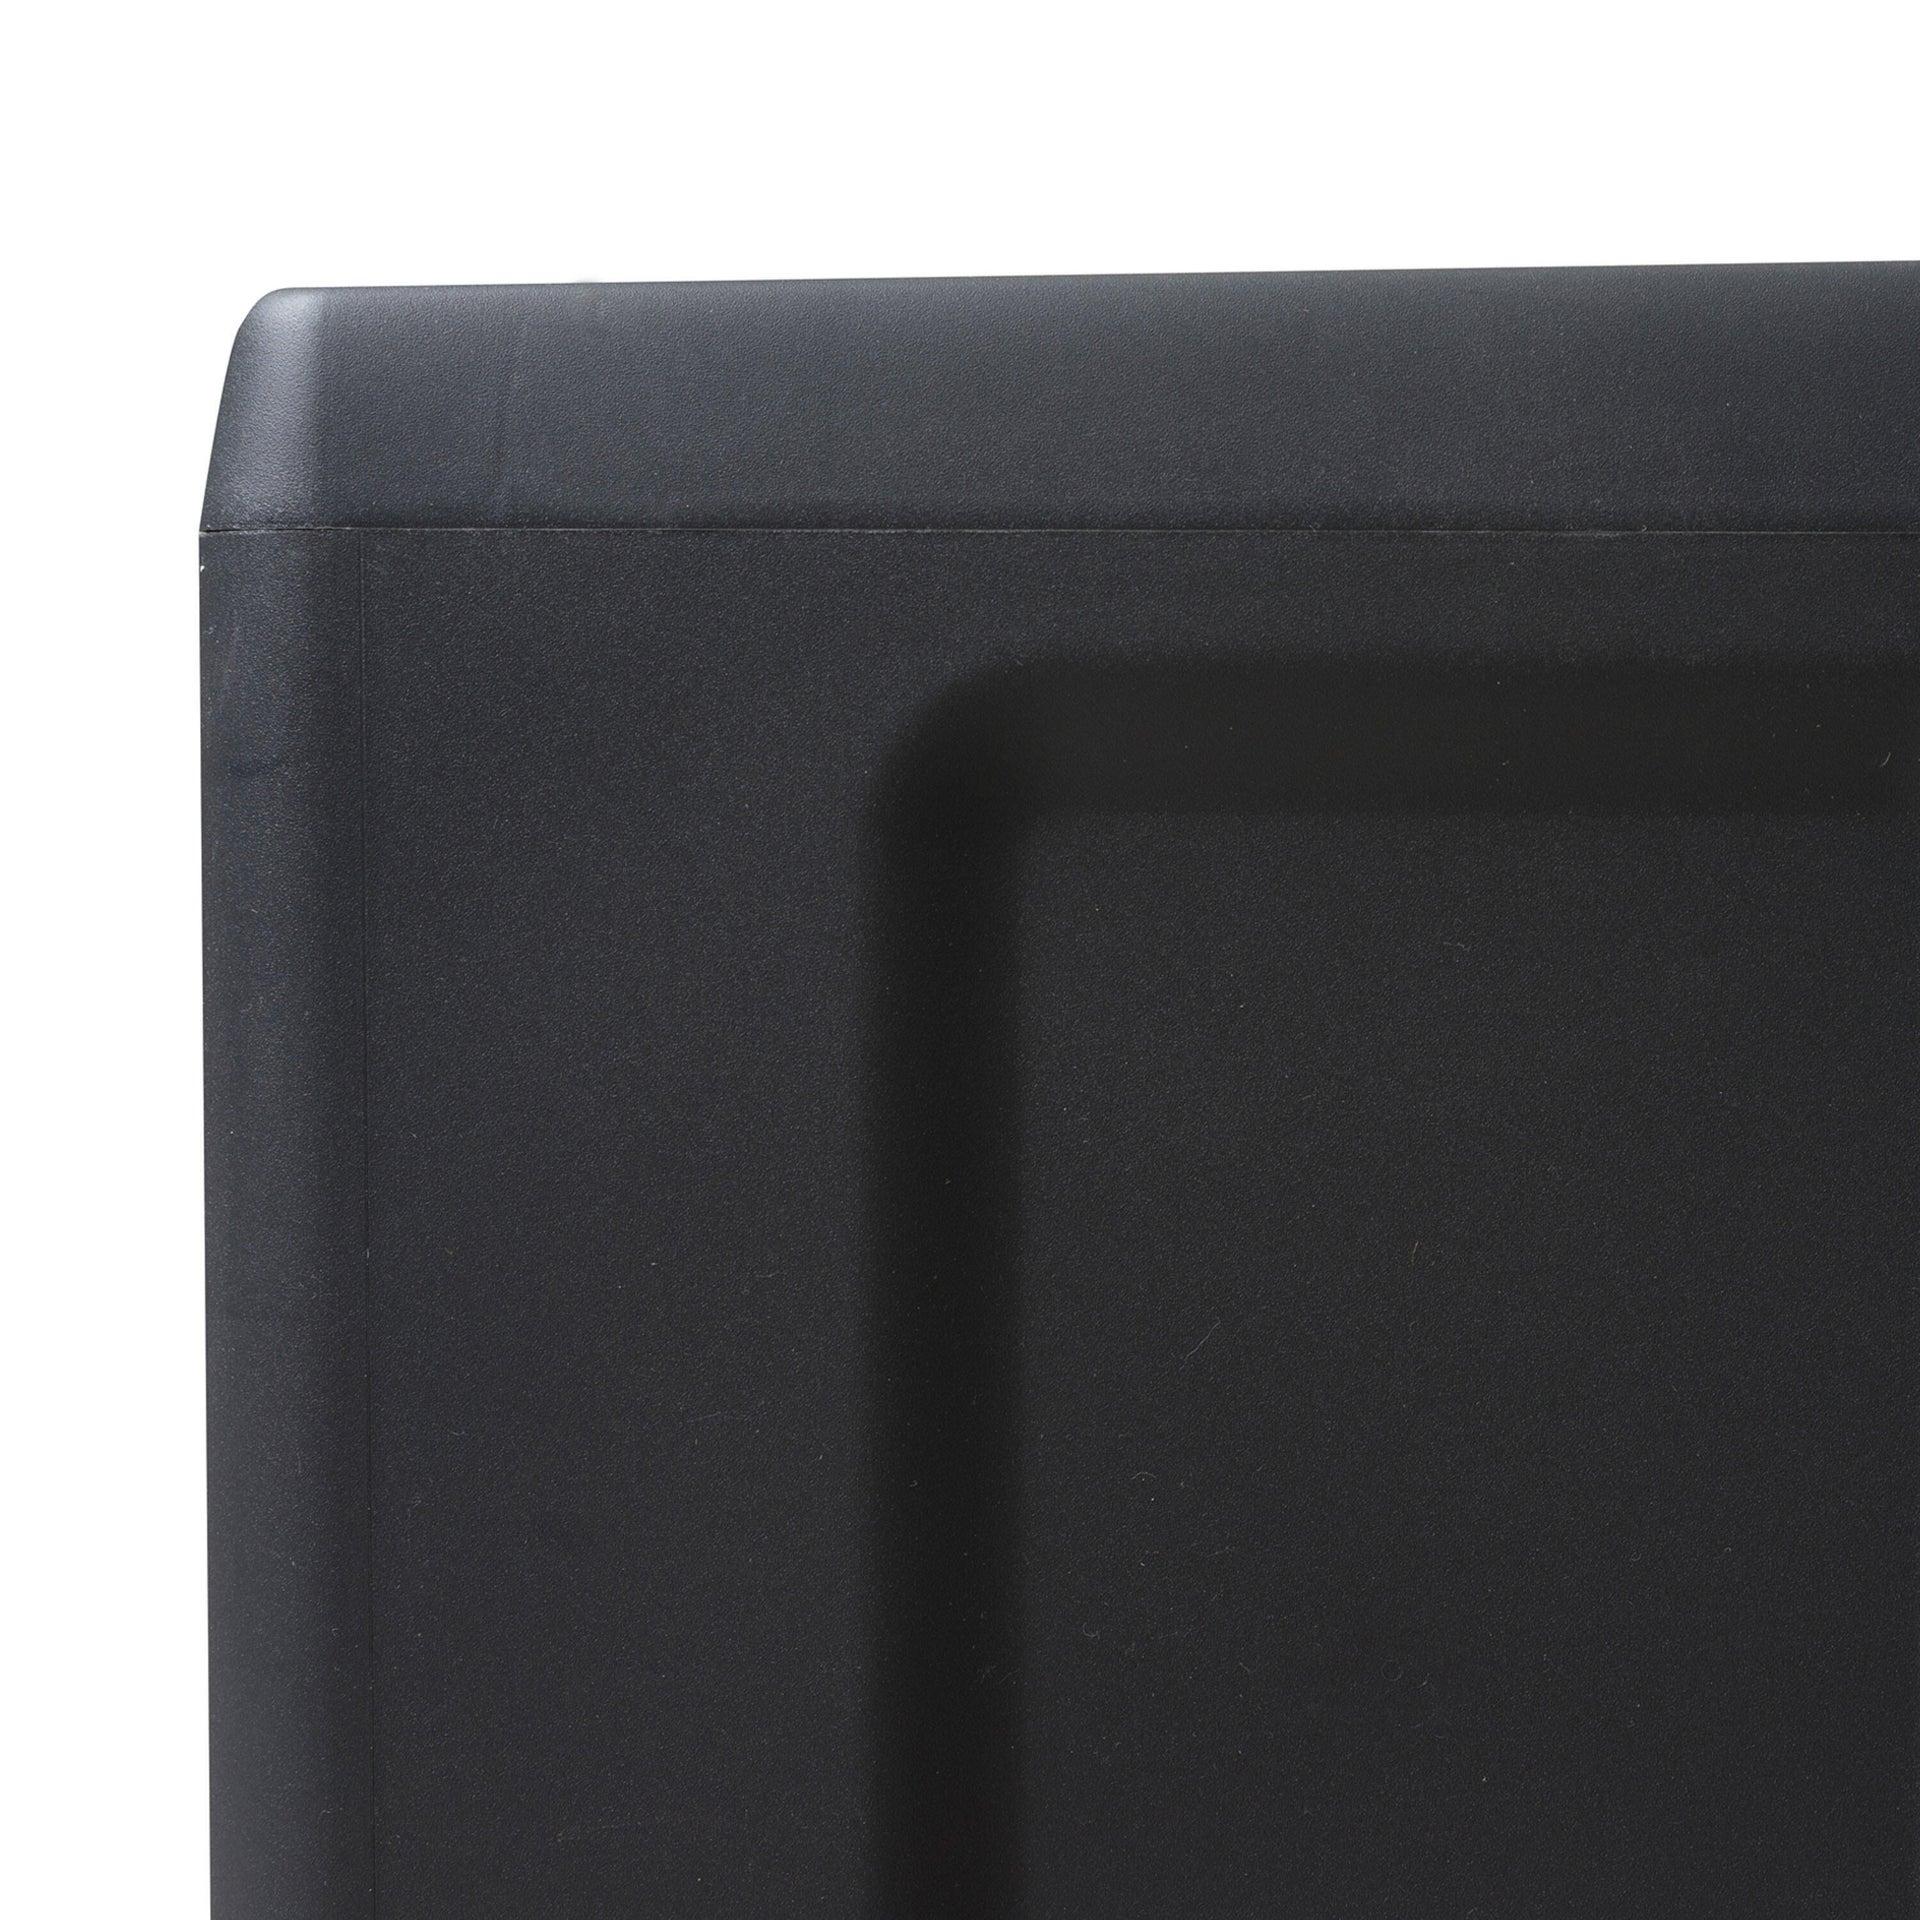 Armadio Elegance L 65 x P 38 x H 171 cm grigio e nero - 19